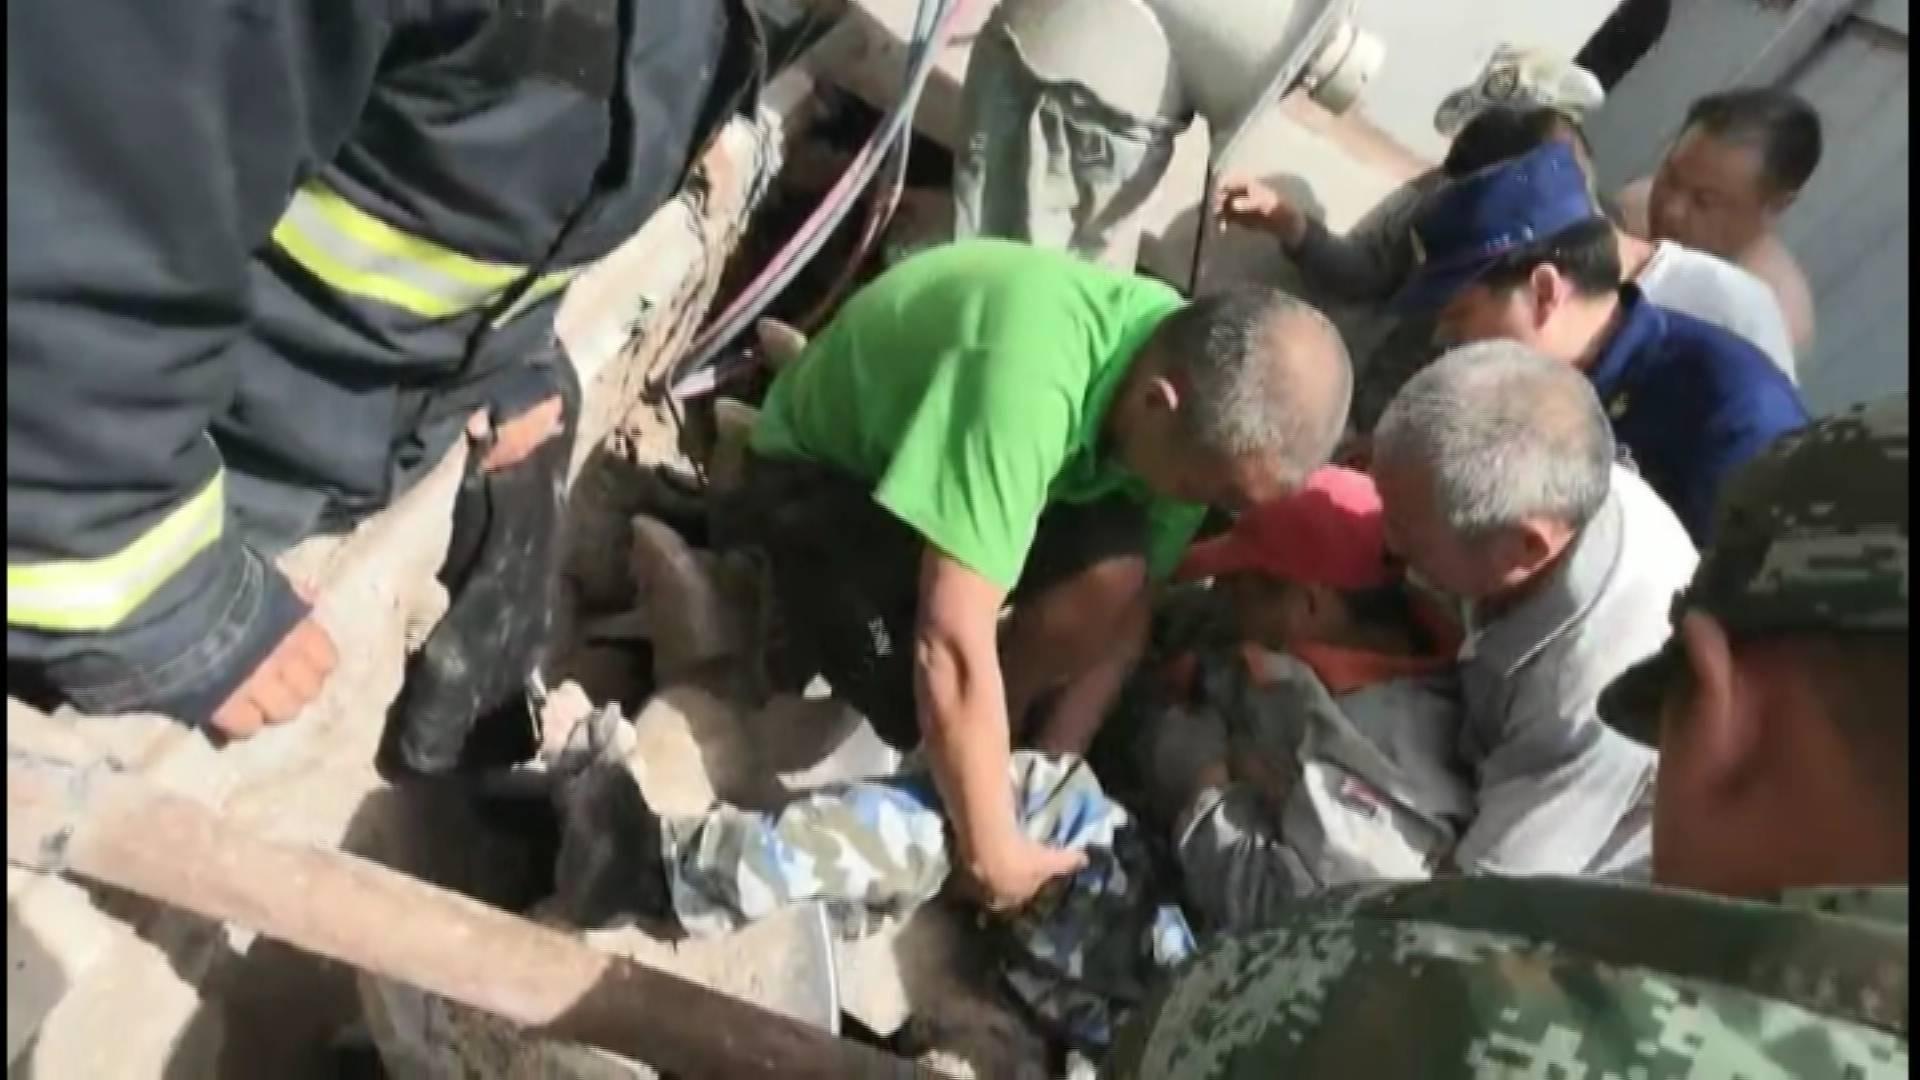 30秒丨工人不慎坠入搅拌机!身体被卡!济南消防紧急救援